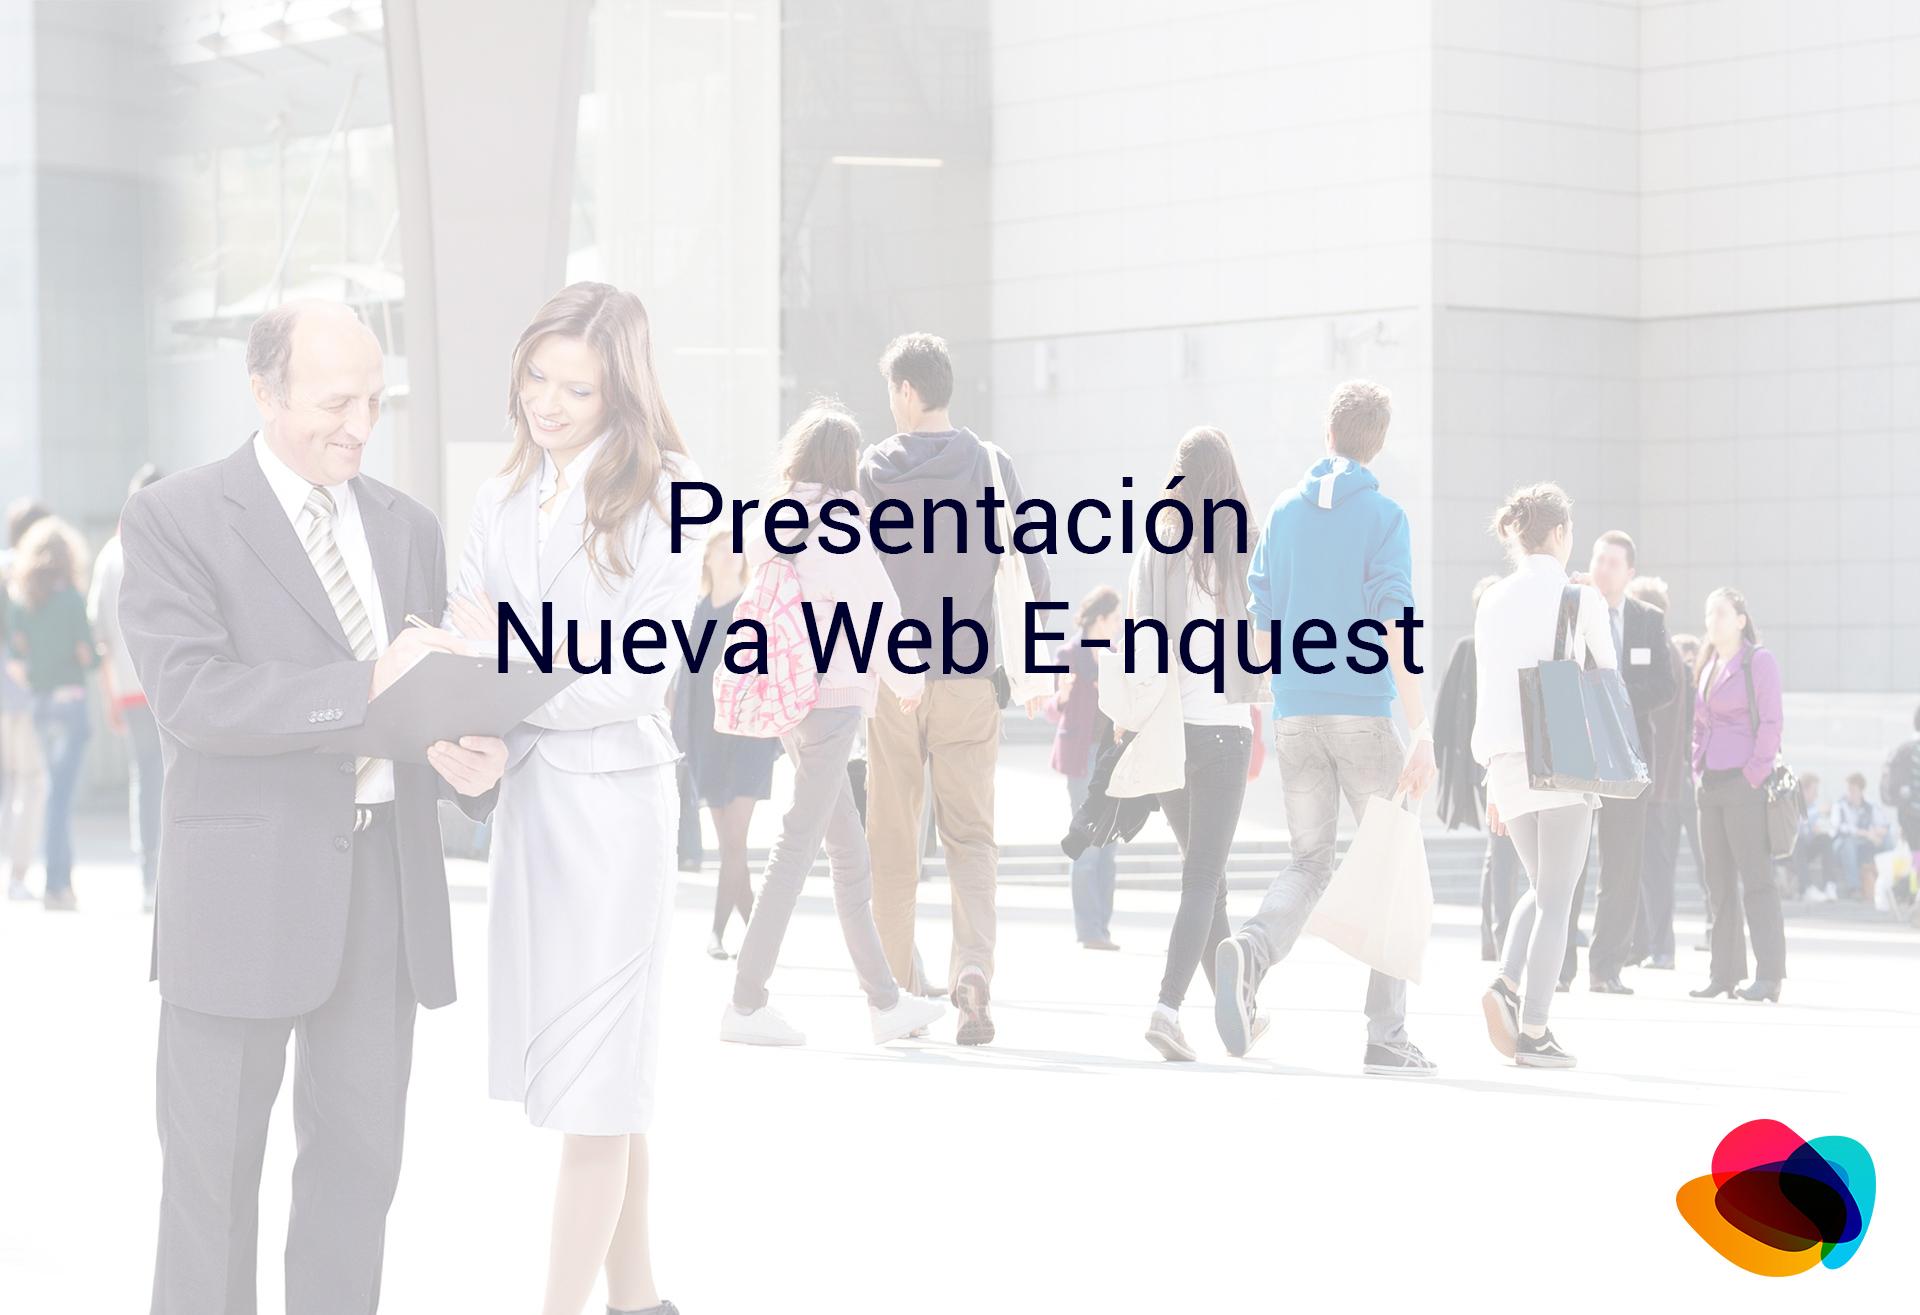 Presentación Nueva Web E-nquest - Esam Tecnología